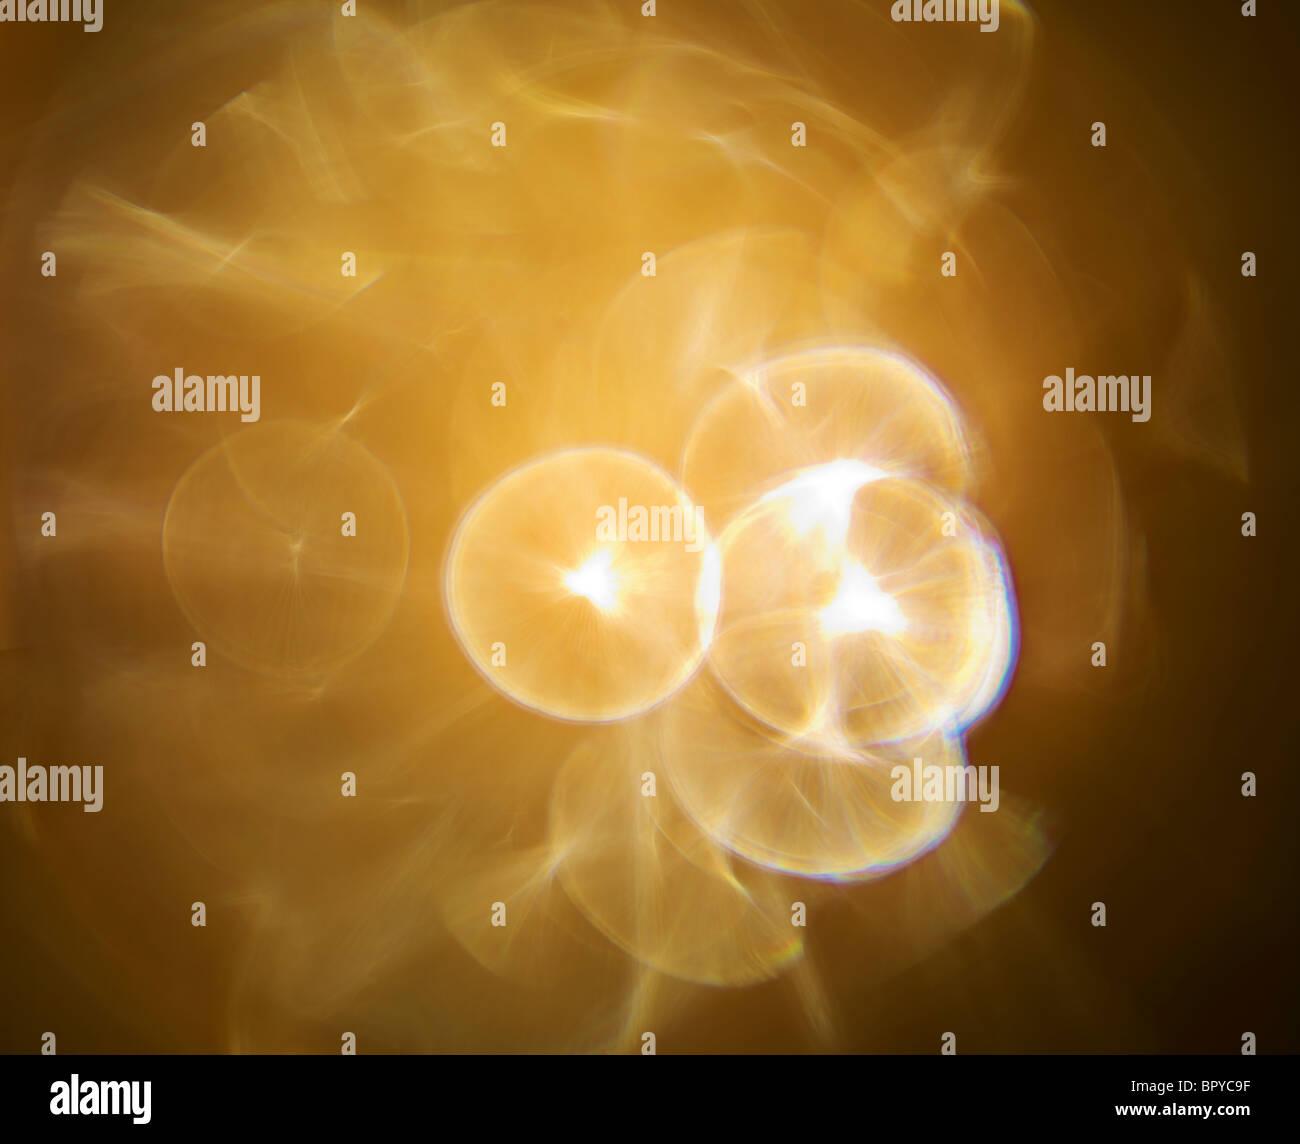 Lens flare yellow star burst light that creates the nebulous feel - Stock Image